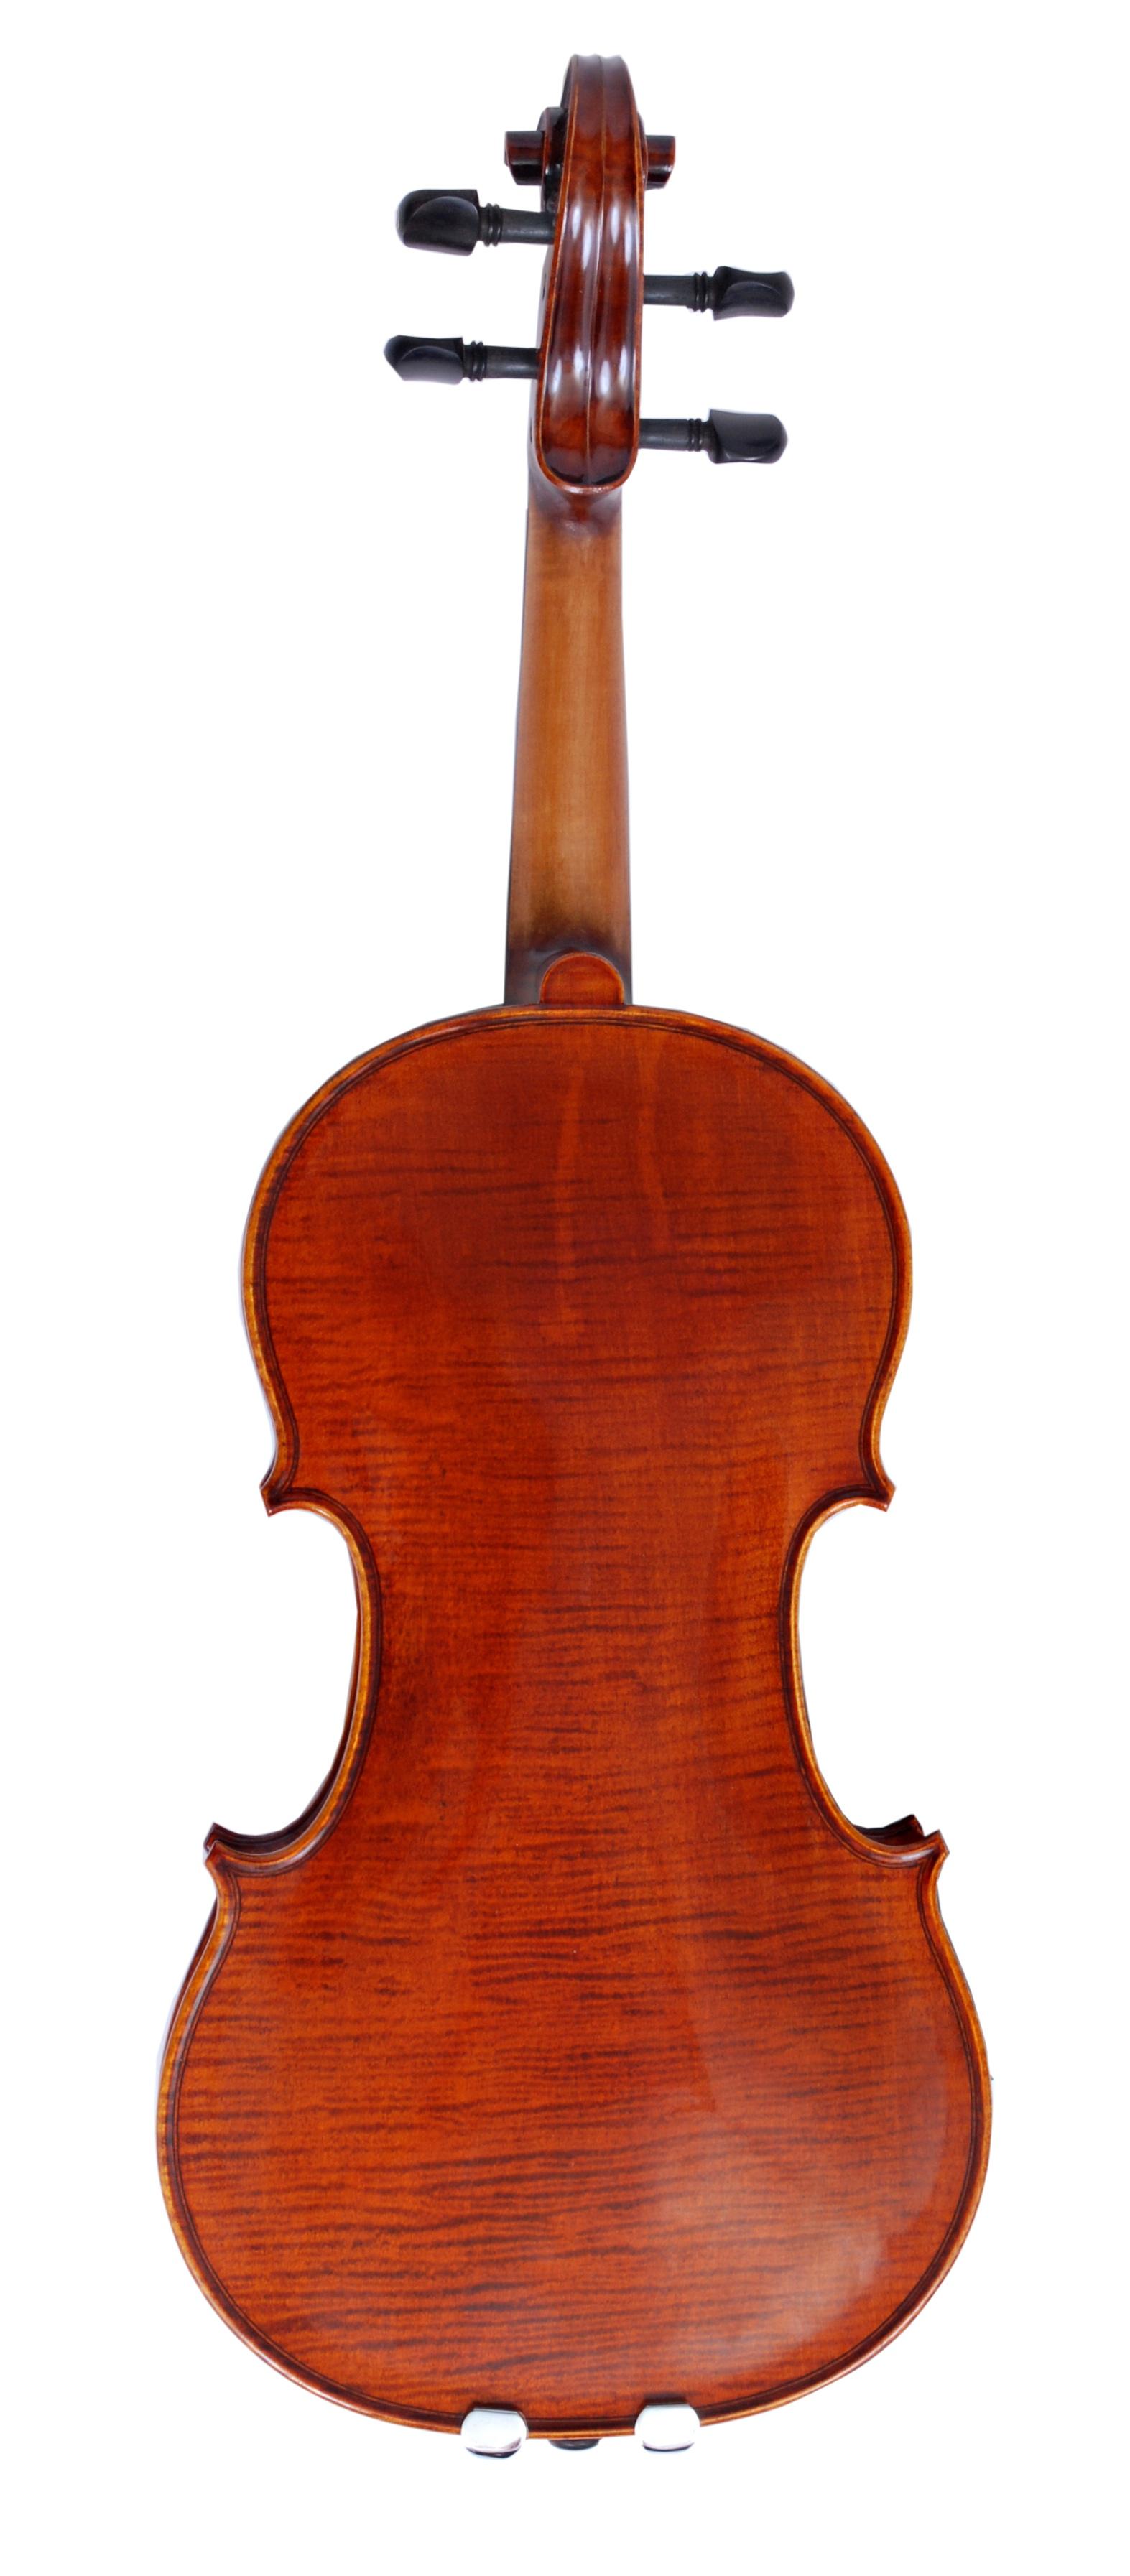 Meisel+6107+violin+back.jpg